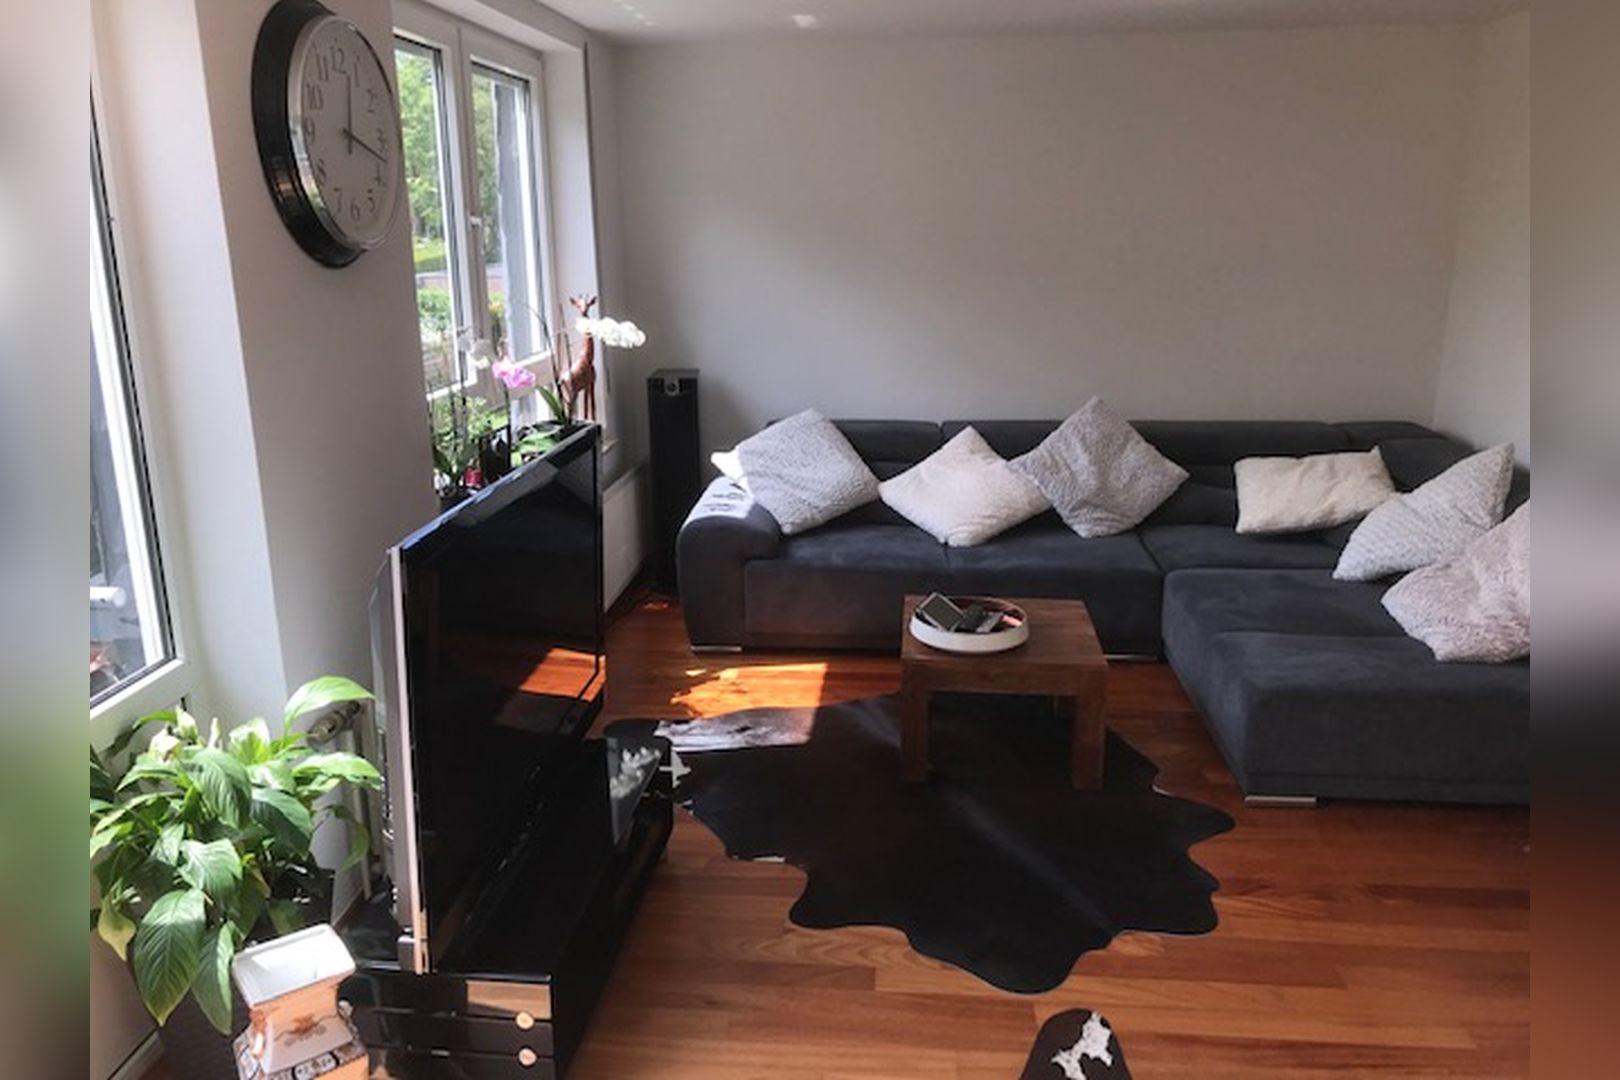 Immobilie Nr.0264 - großzügige Vier-Raum-Wohnung mit Riesenkellerraum für Hobby etc. - Bild 9.jpg